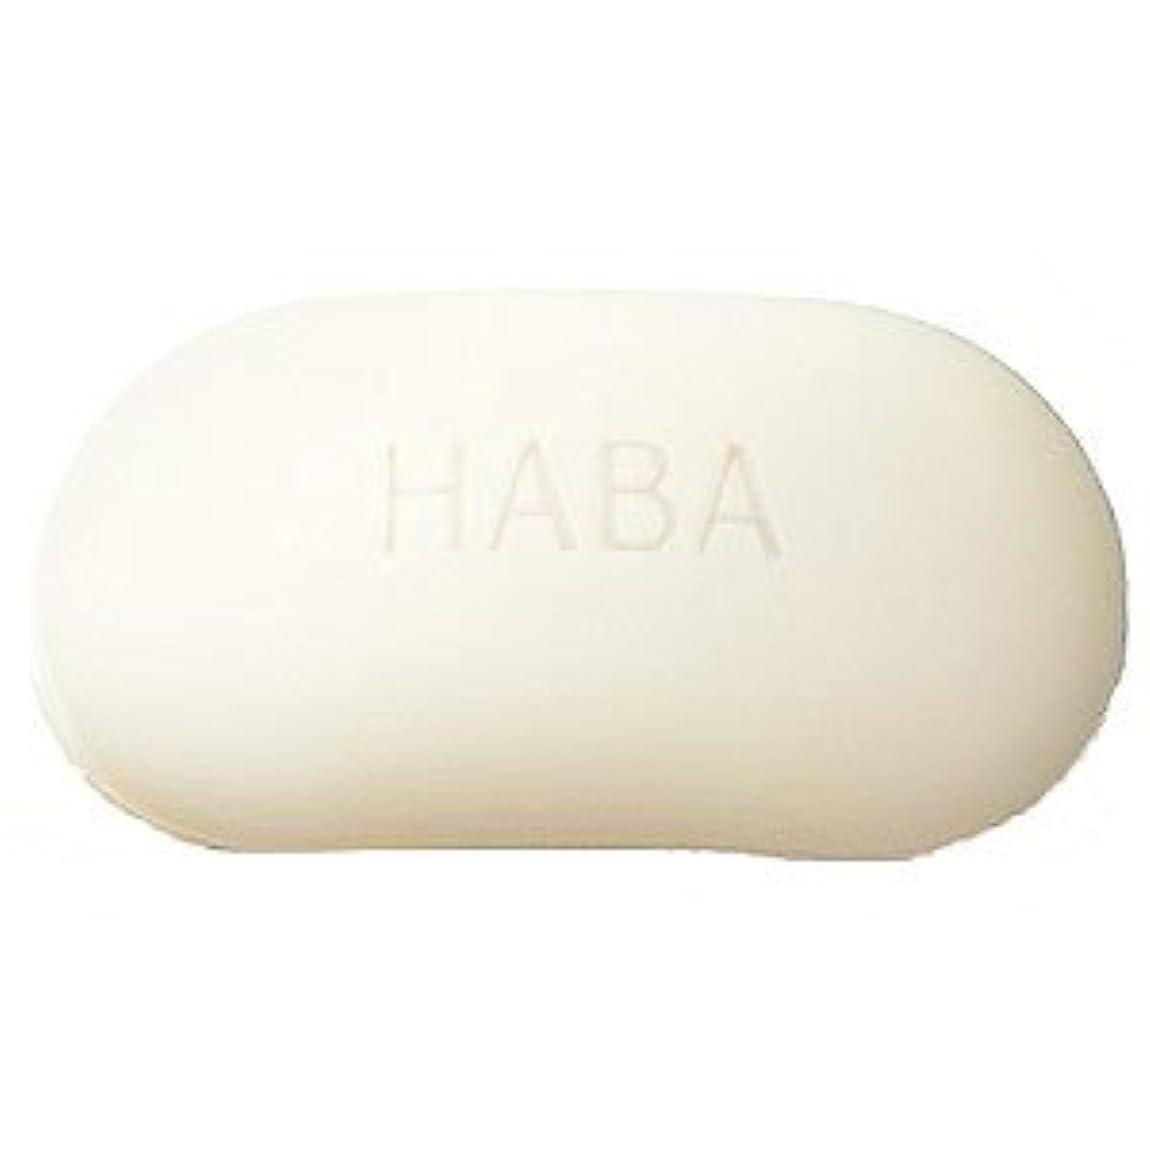 舗装する受信機アマゾンジャングルHABA 絹泡石けん 2個組<HABA/ハーバー(ハーバー研究所)>